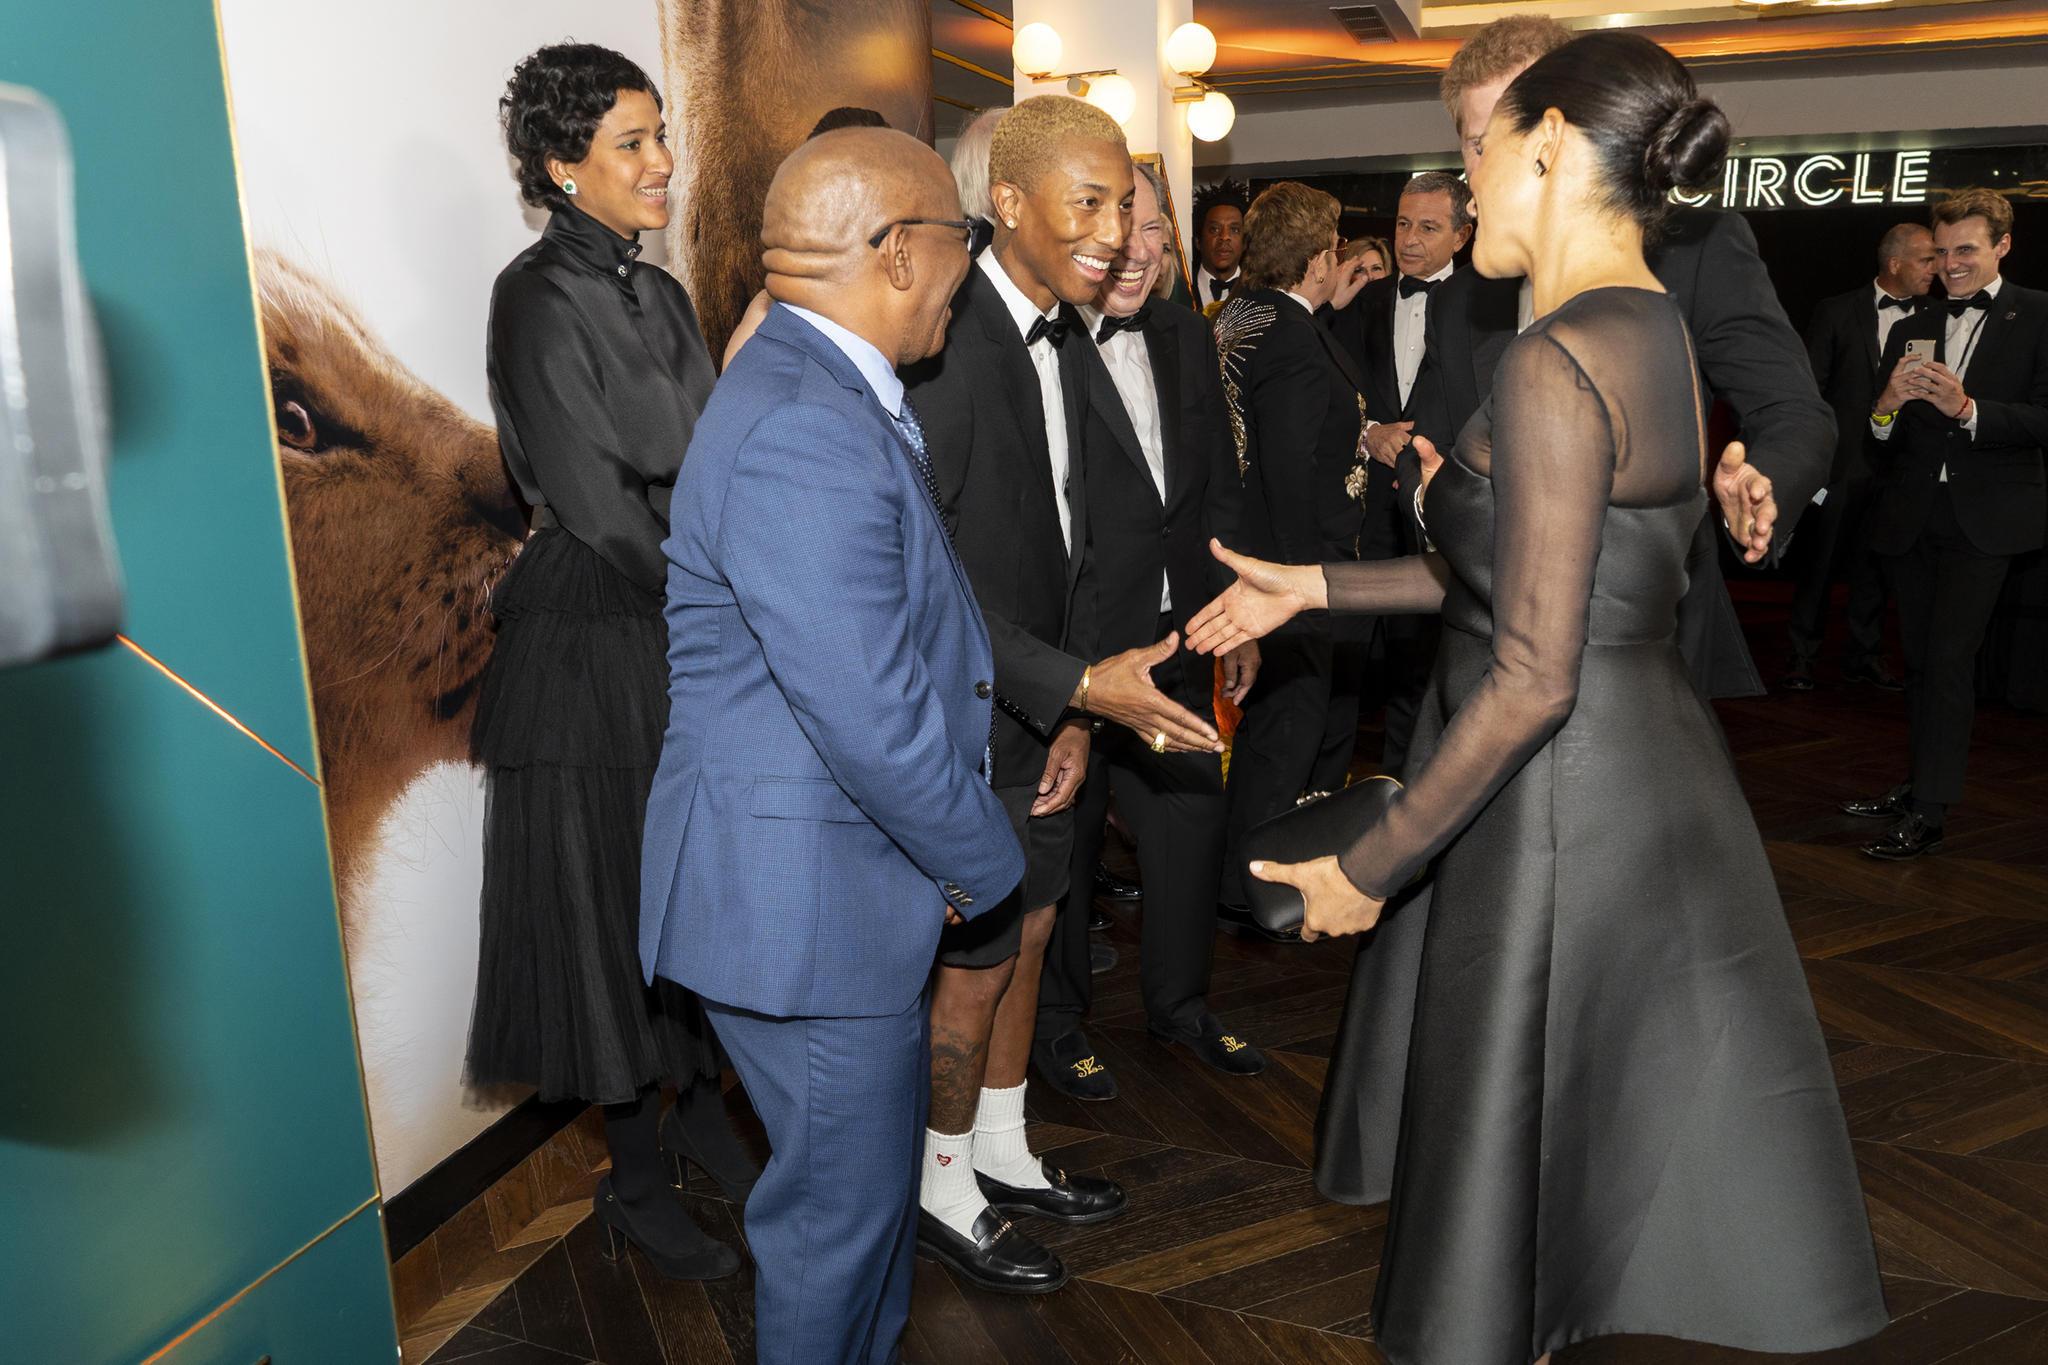 """Musiker Pharrell Williams begrüßt Herzogin Meghan bei der Premiere von """"The Lion King"""" in London und macht ihr ein Kompliment über ihre Beziehung zu Prinz Harry. Dabei macht die frisch gebackene Mutter eine überraschende Aussage"""